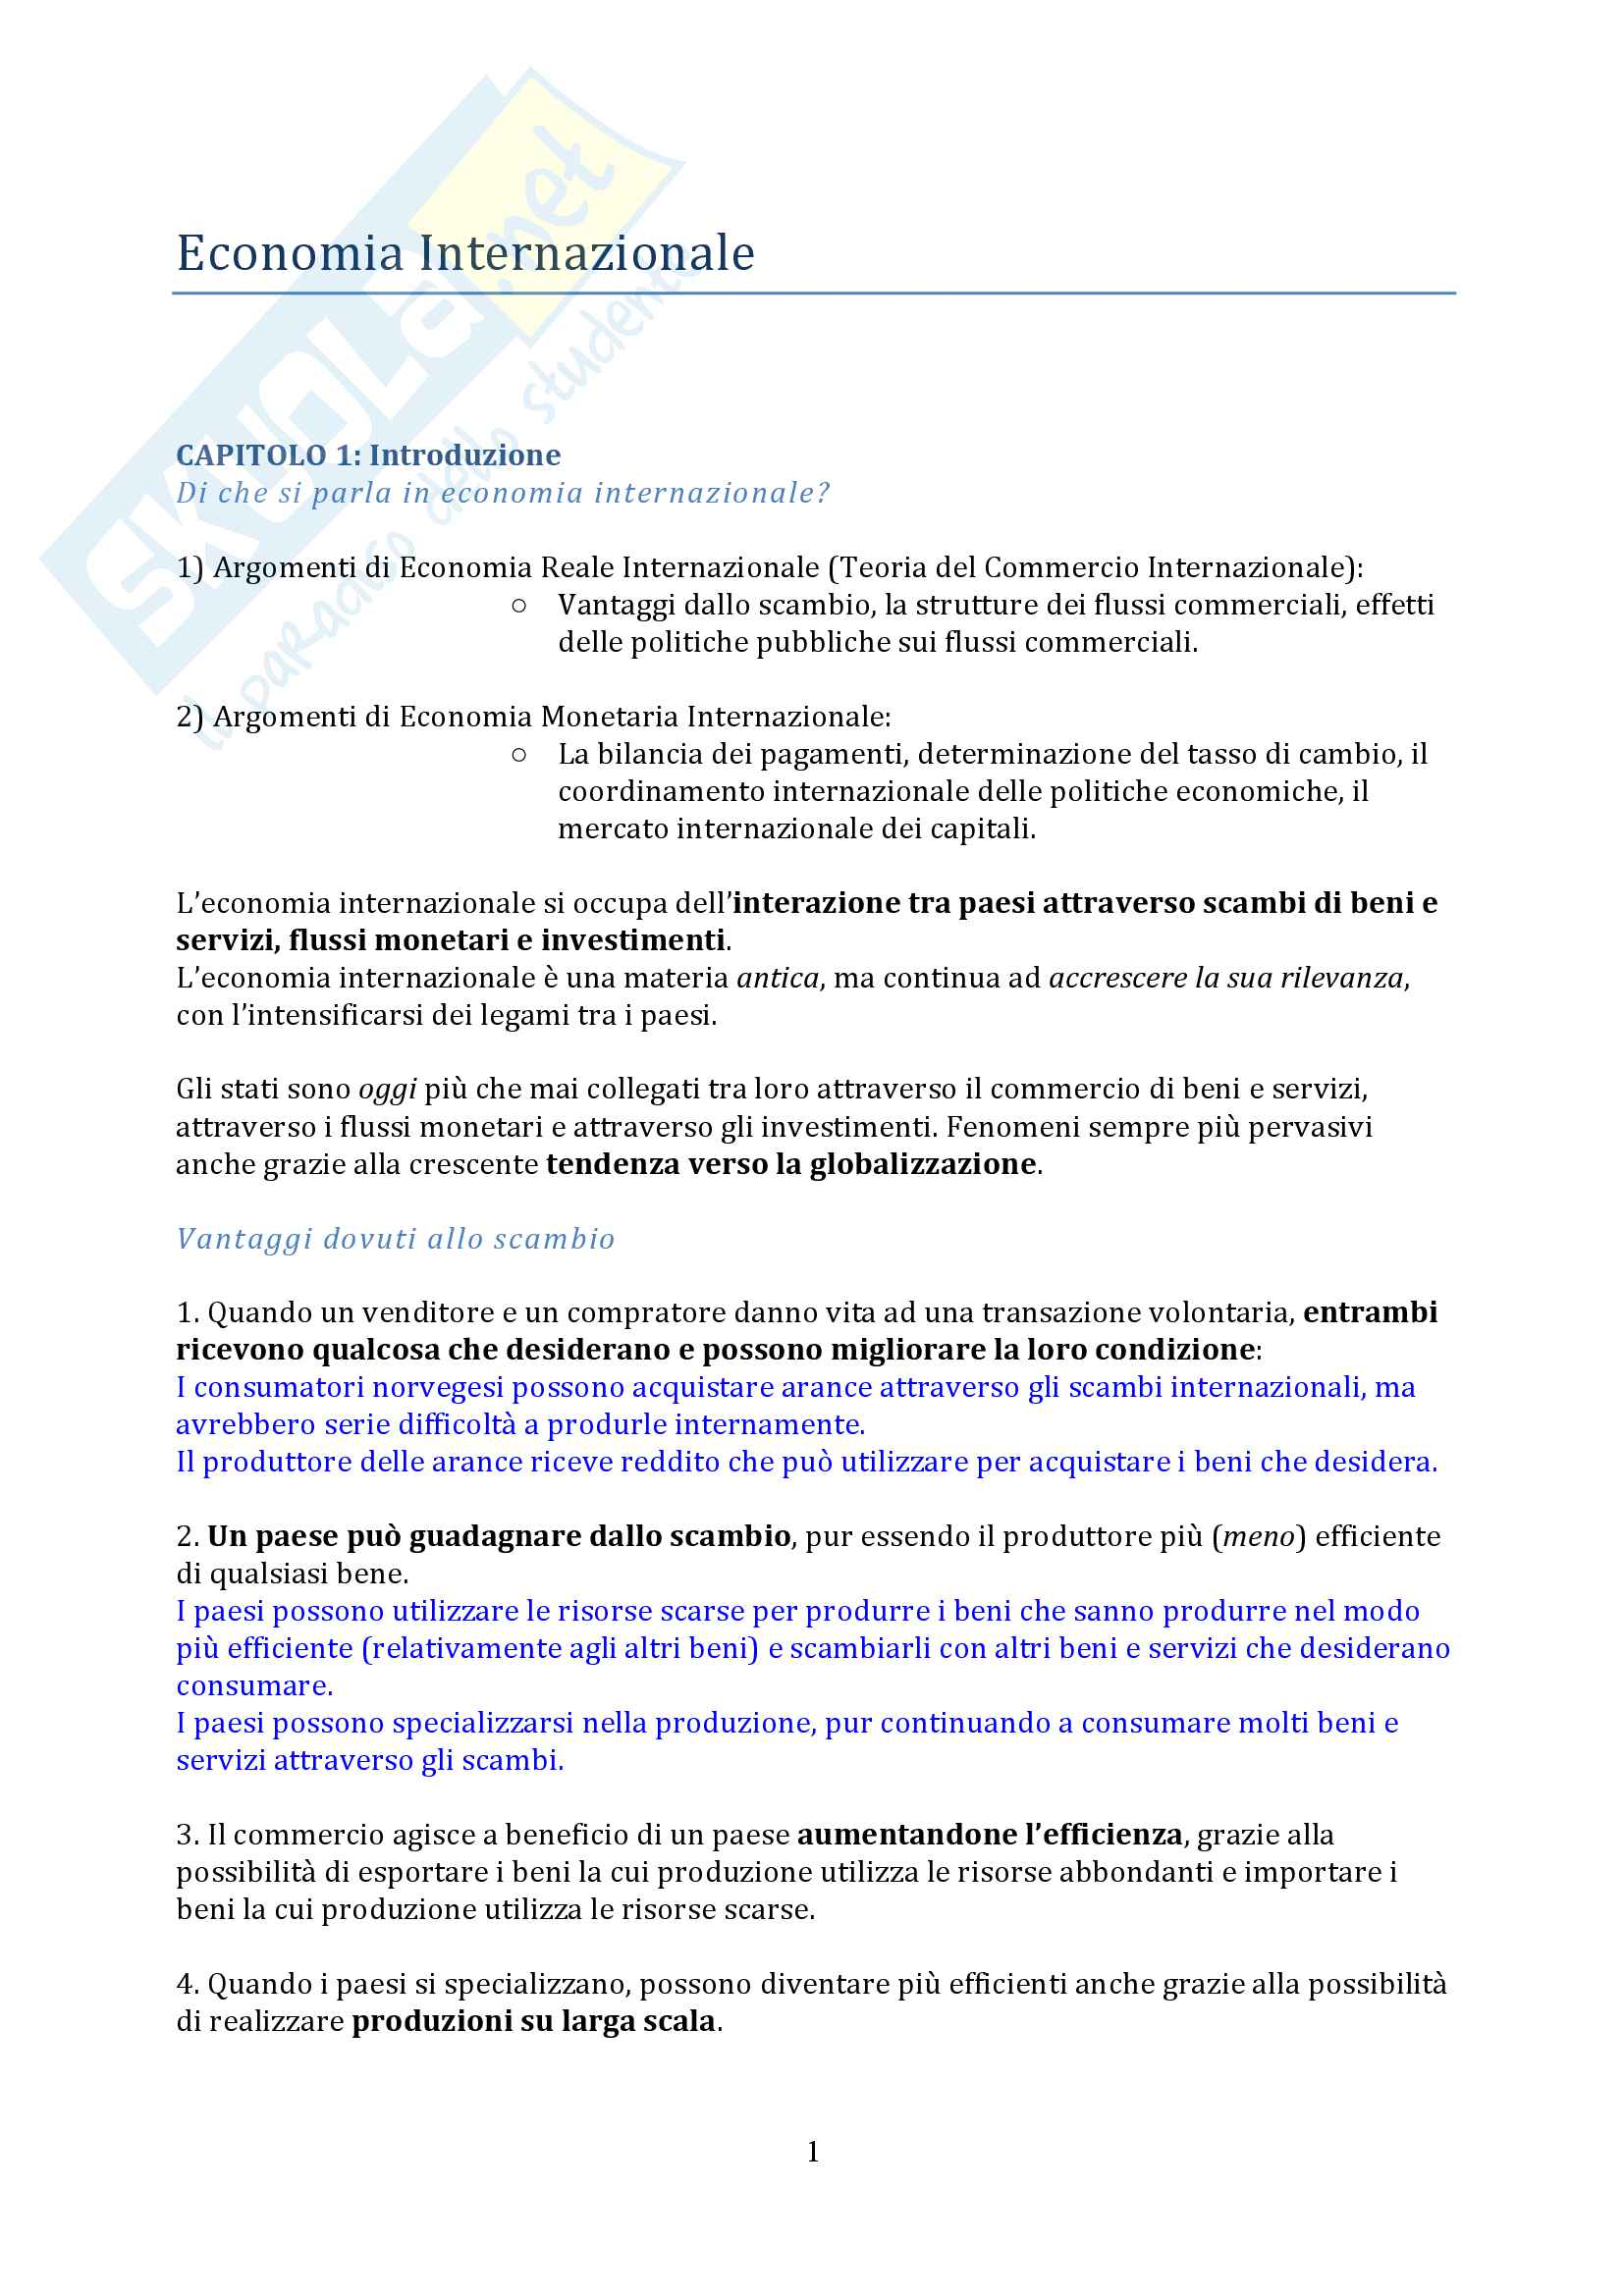 appunto M. Lossani Economia internazionale